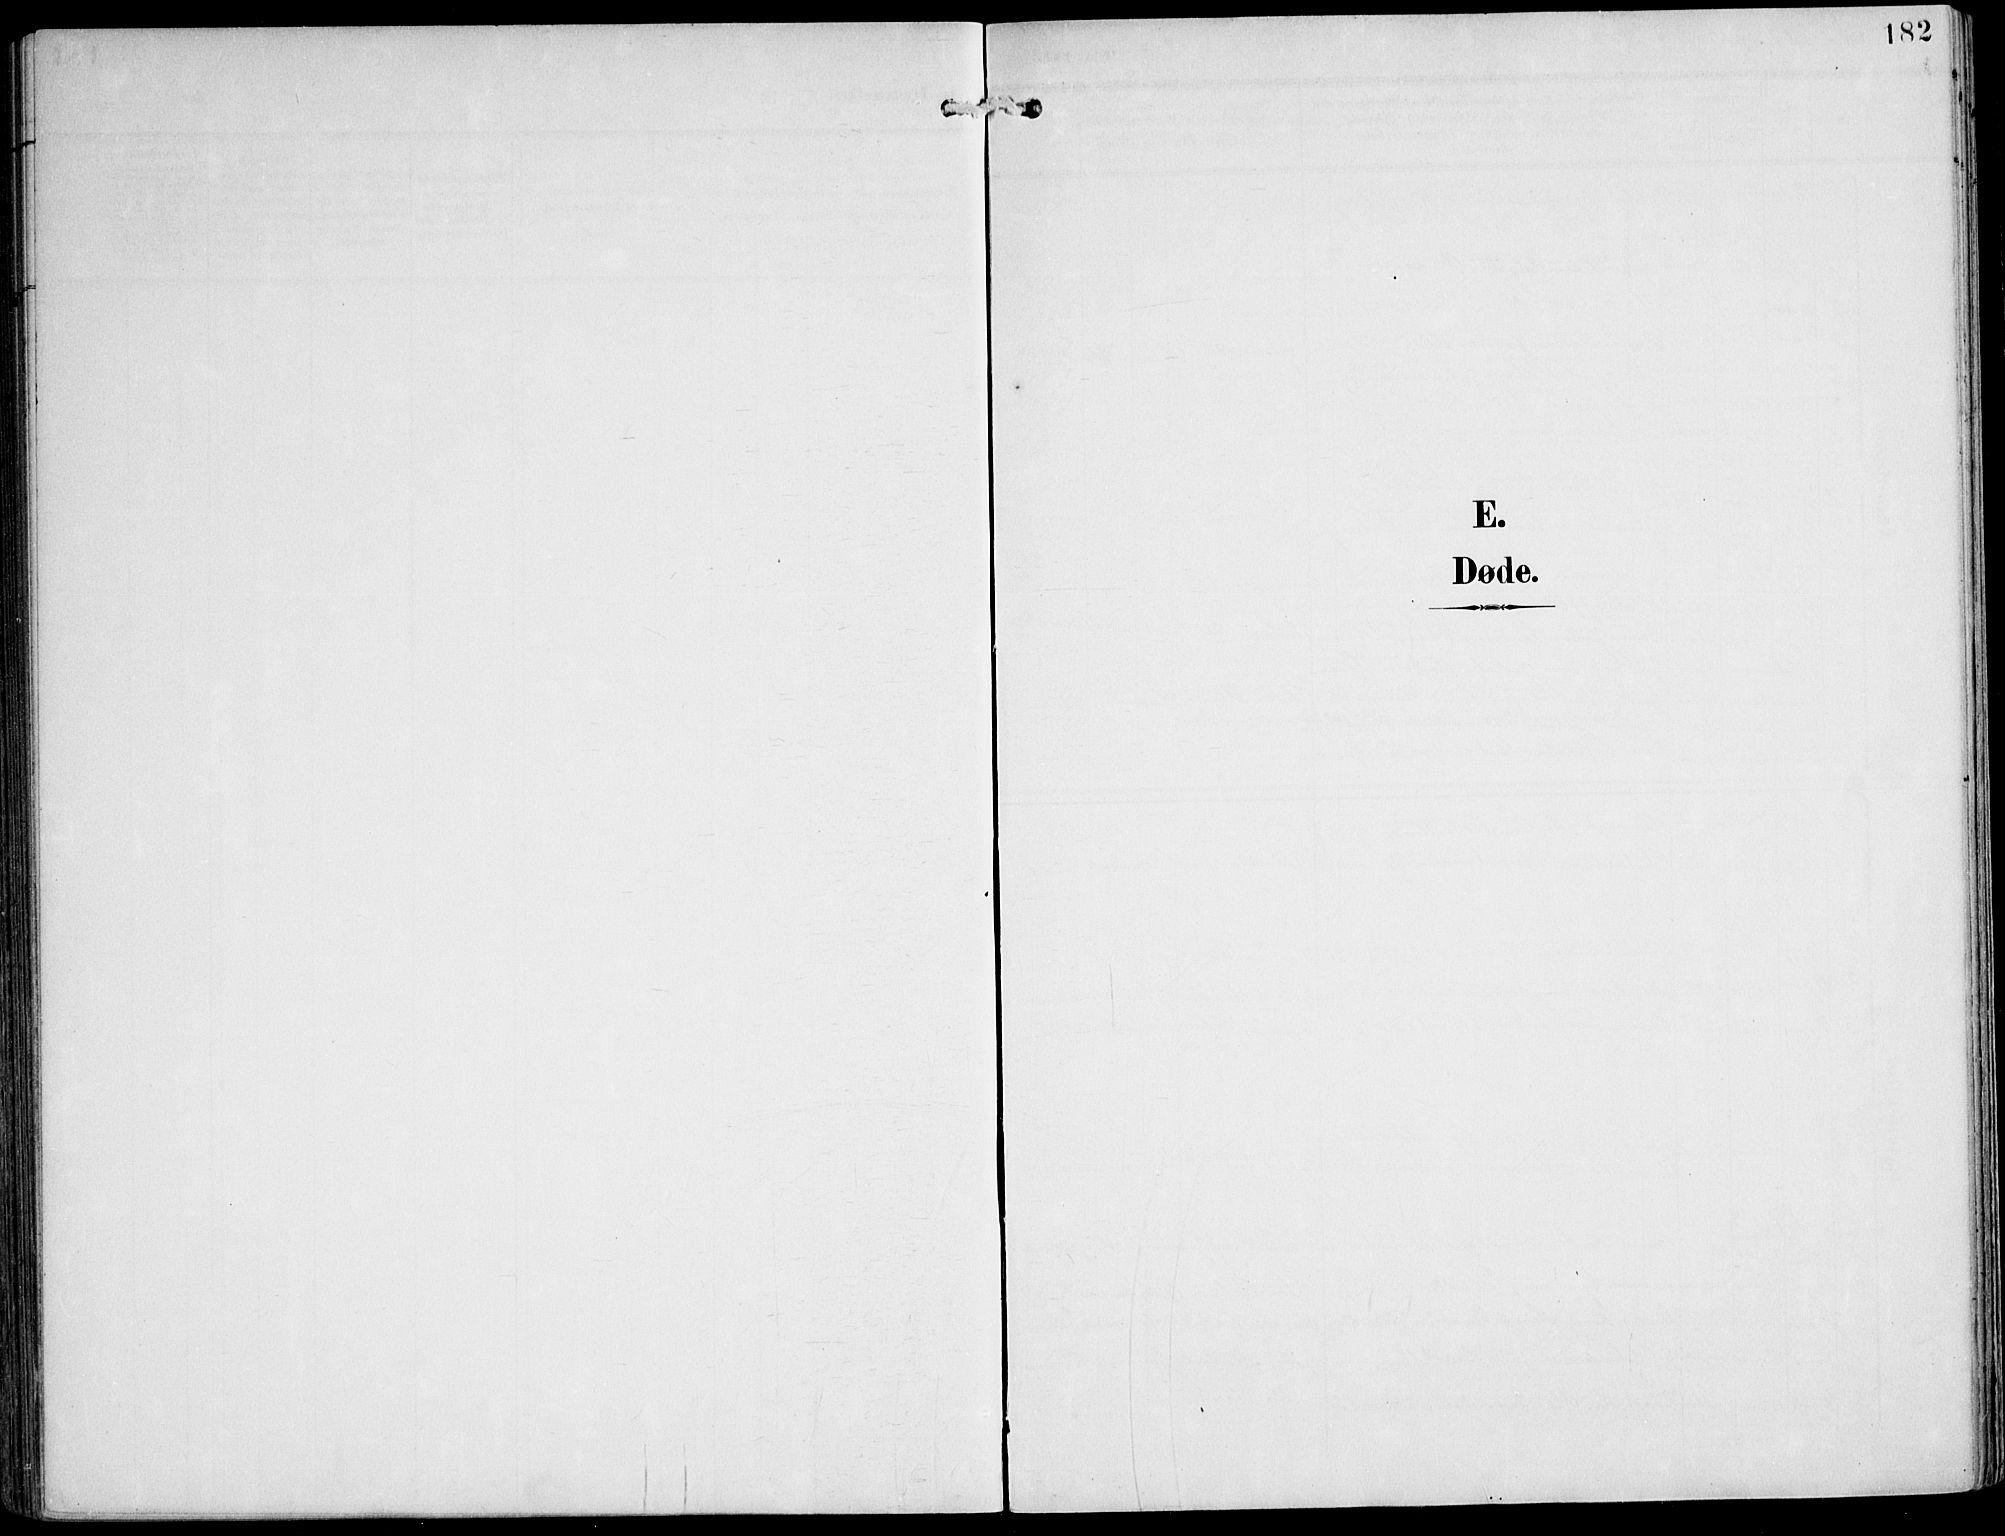 SAT, Ministerialprotokoller, klokkerbøker og fødselsregistre - Nord-Trøndelag, 788/L0698: Ministerialbok nr. 788A05, 1902-1921, s. 182